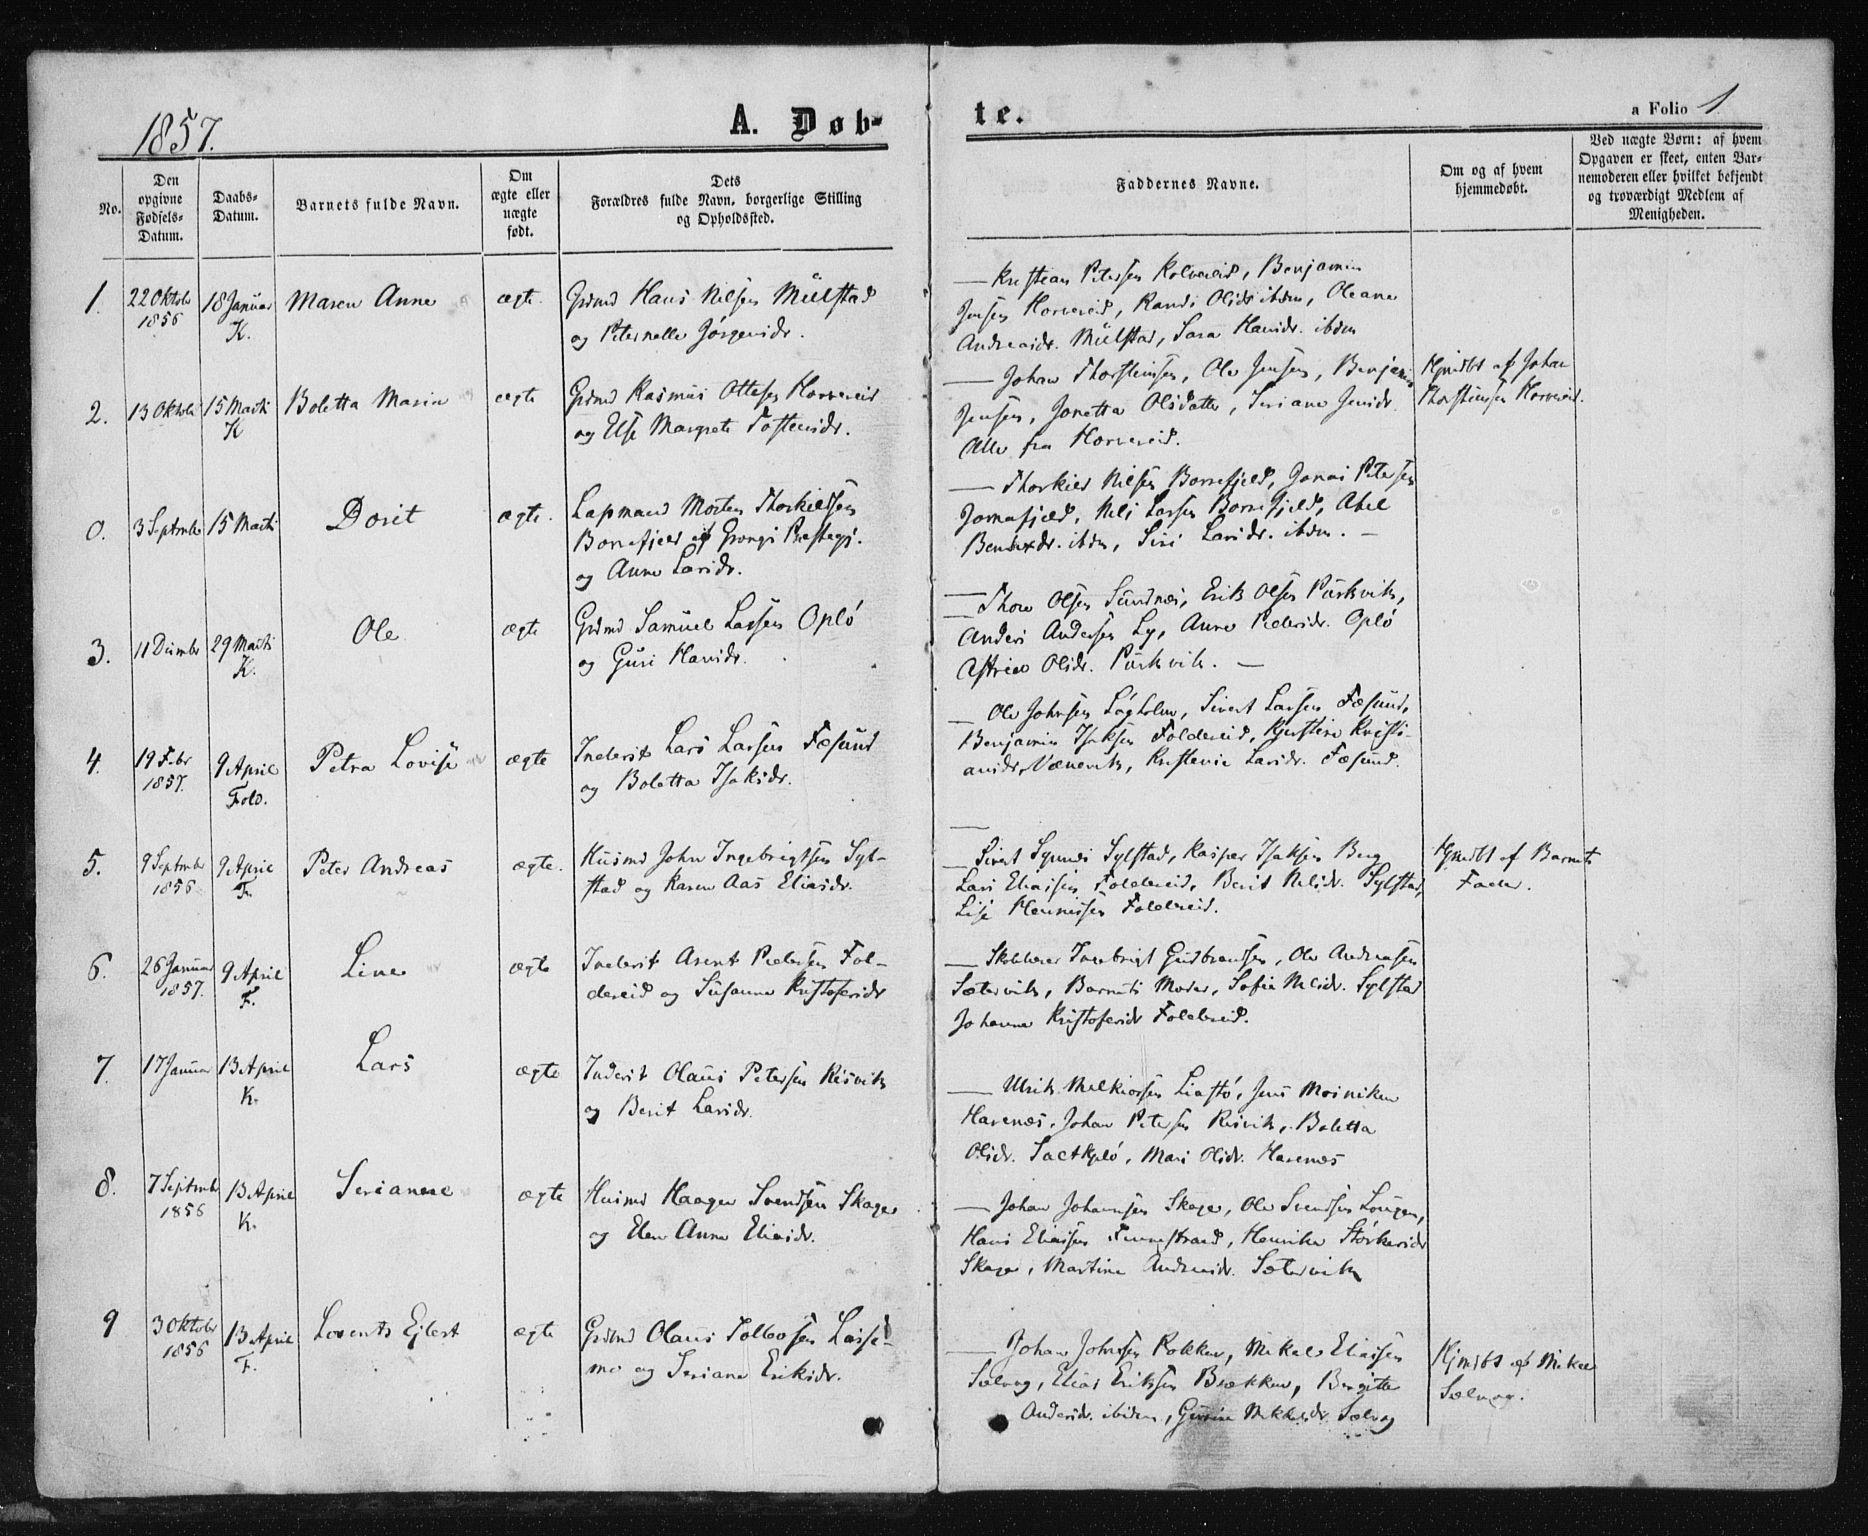 SAT, Ministerialprotokoller, klokkerbøker og fødselsregistre - Nord-Trøndelag, 780/L0641: Ministerialbok nr. 780A06, 1857-1874, s. 1